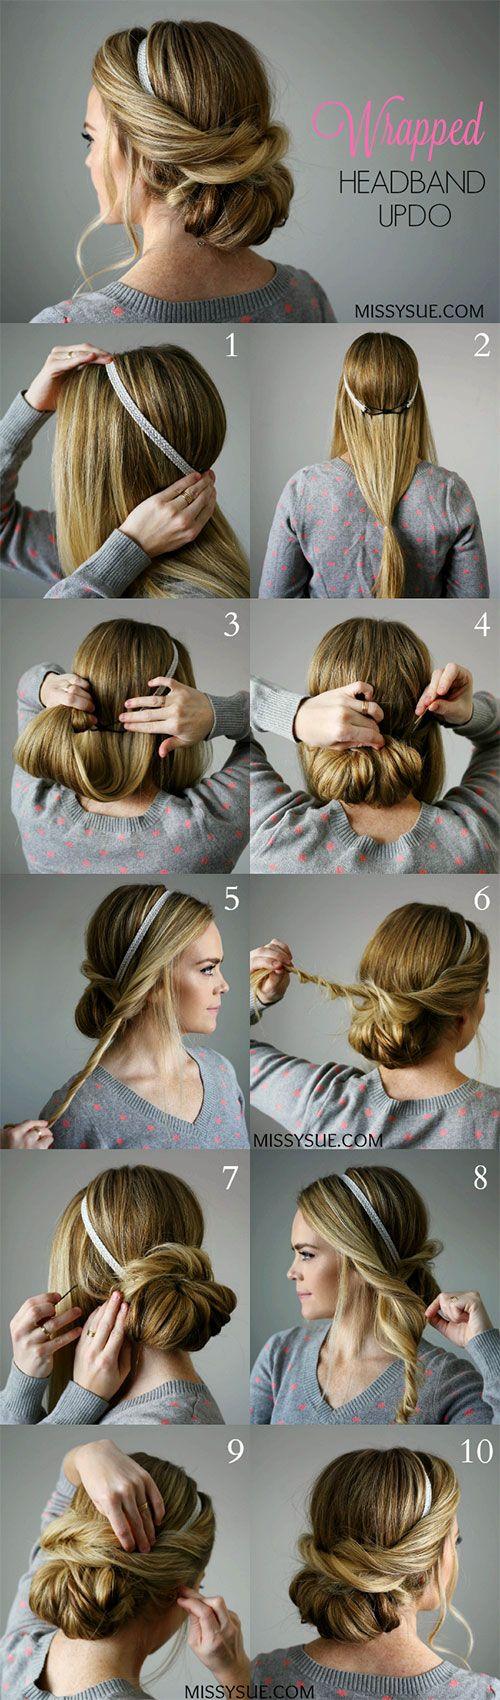 best 25+ headband hair tuck ideas on pinterest | headband updo